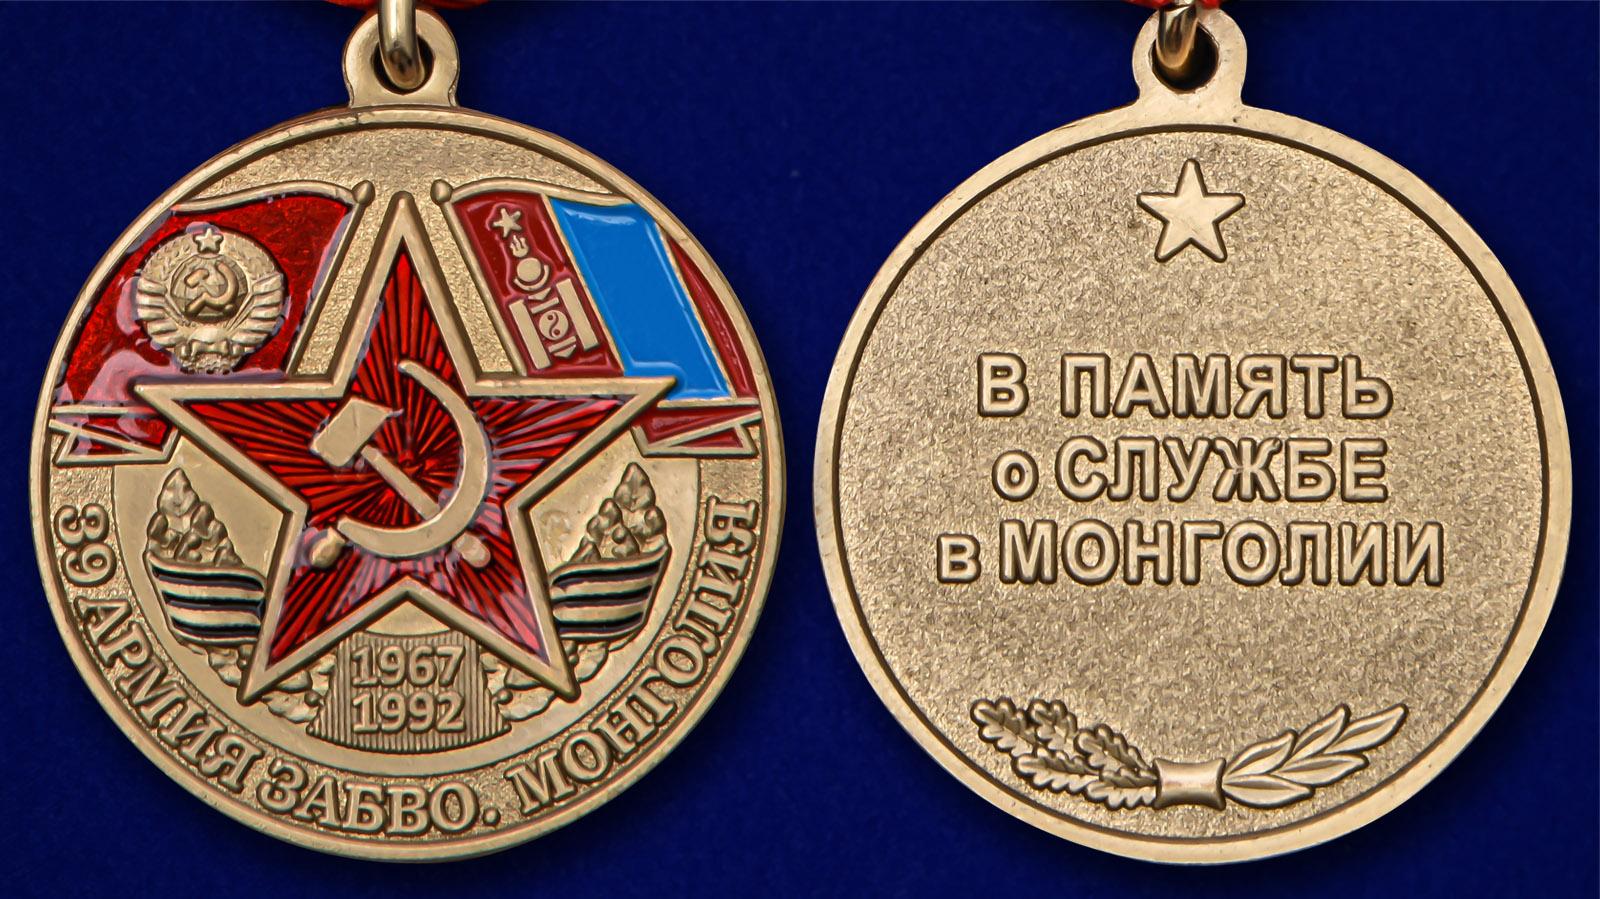 """Медаль """"39 Армия ЗАБВО. Монголия"""" - аверс и реверс"""